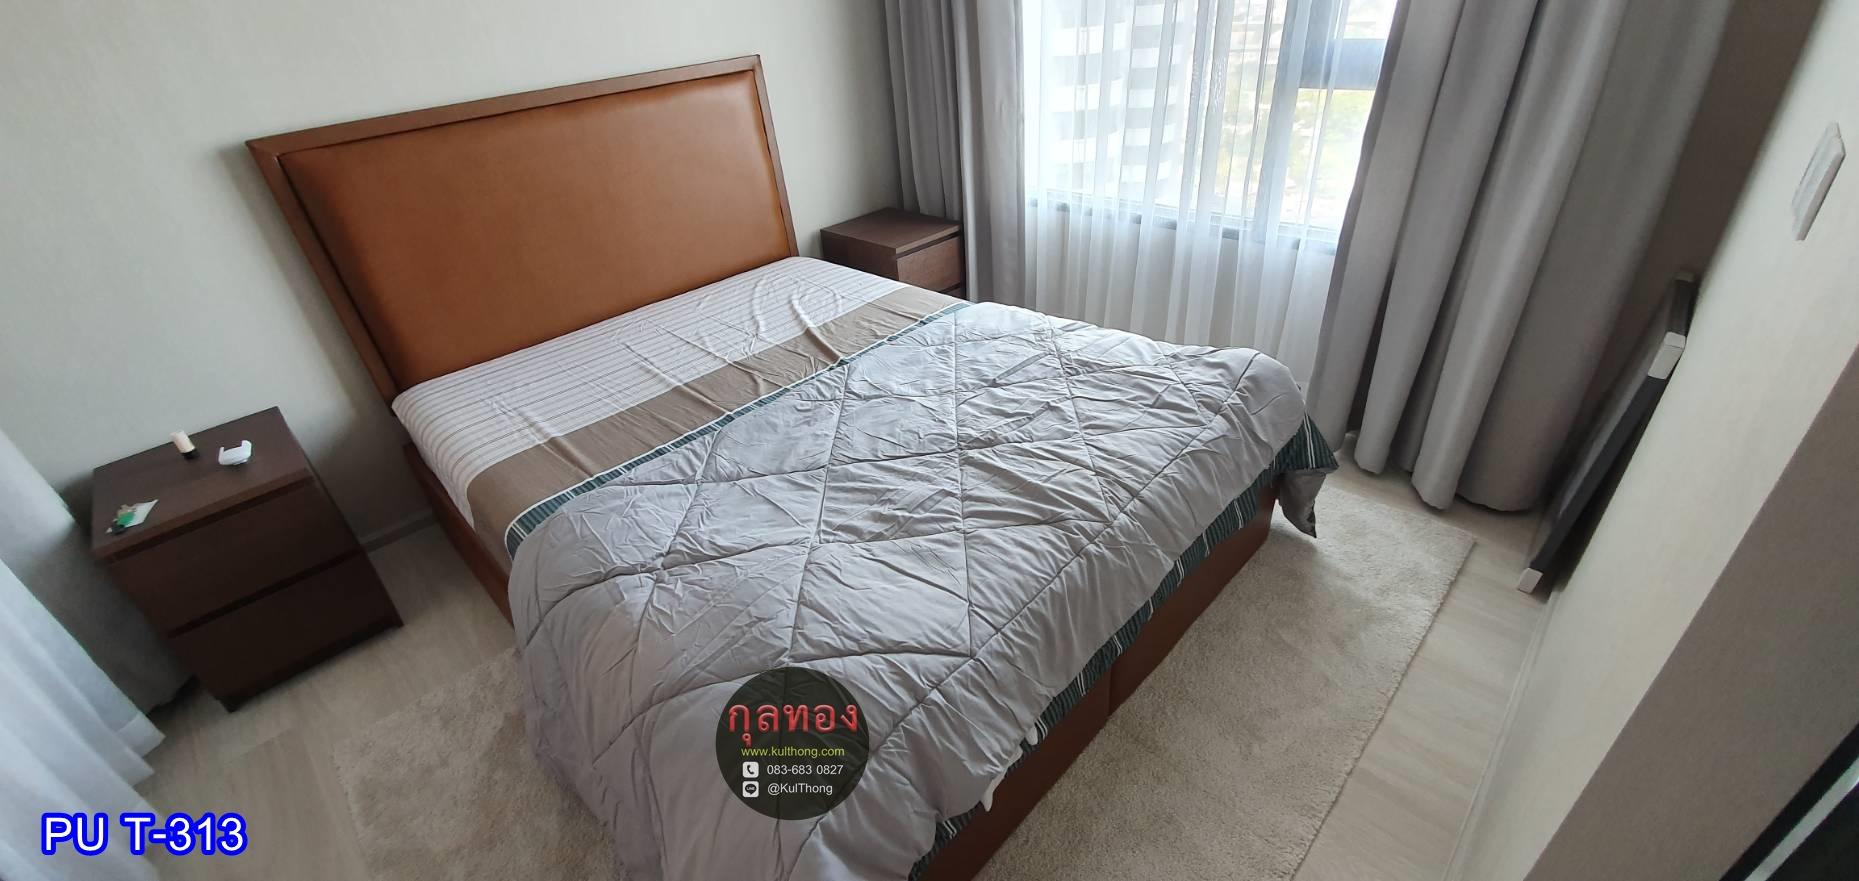 เตียงหุ้มหนังมีหัวเตียง เตียงดีไซน์ เตียงสั่งทำ เตียงคอนโด